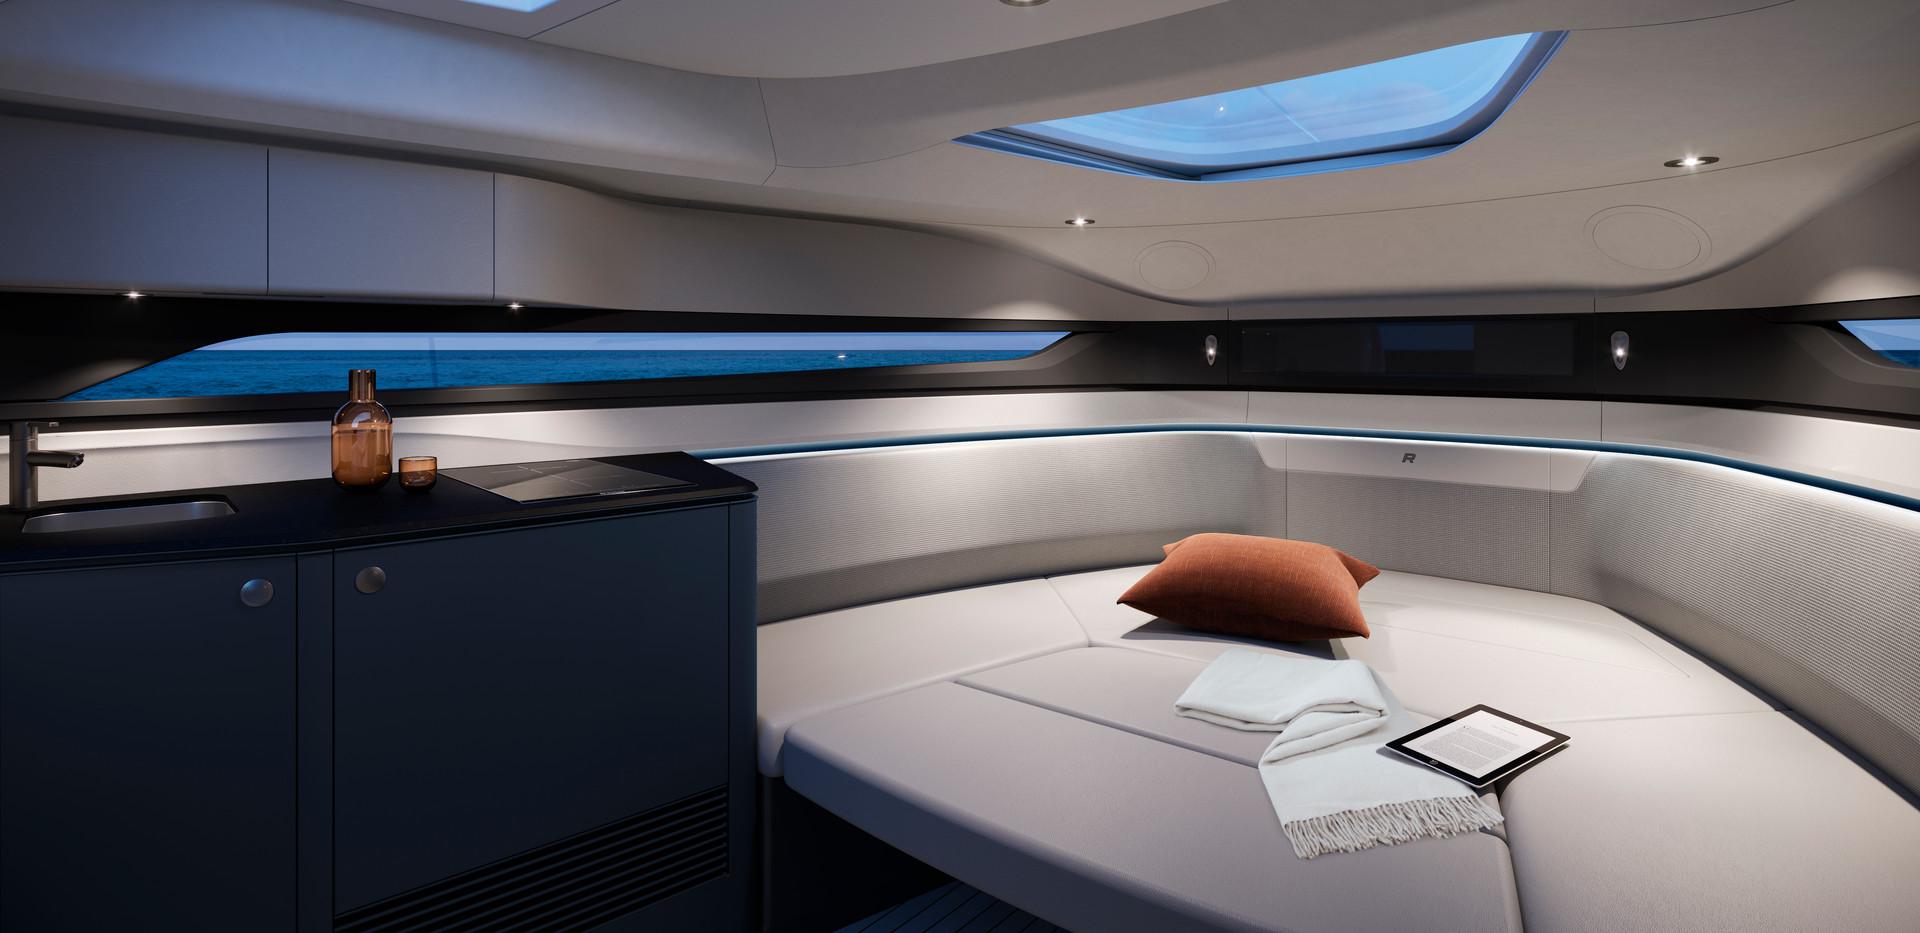 r35-cabin-oxygen-scheme-at-dusk-2Abromow